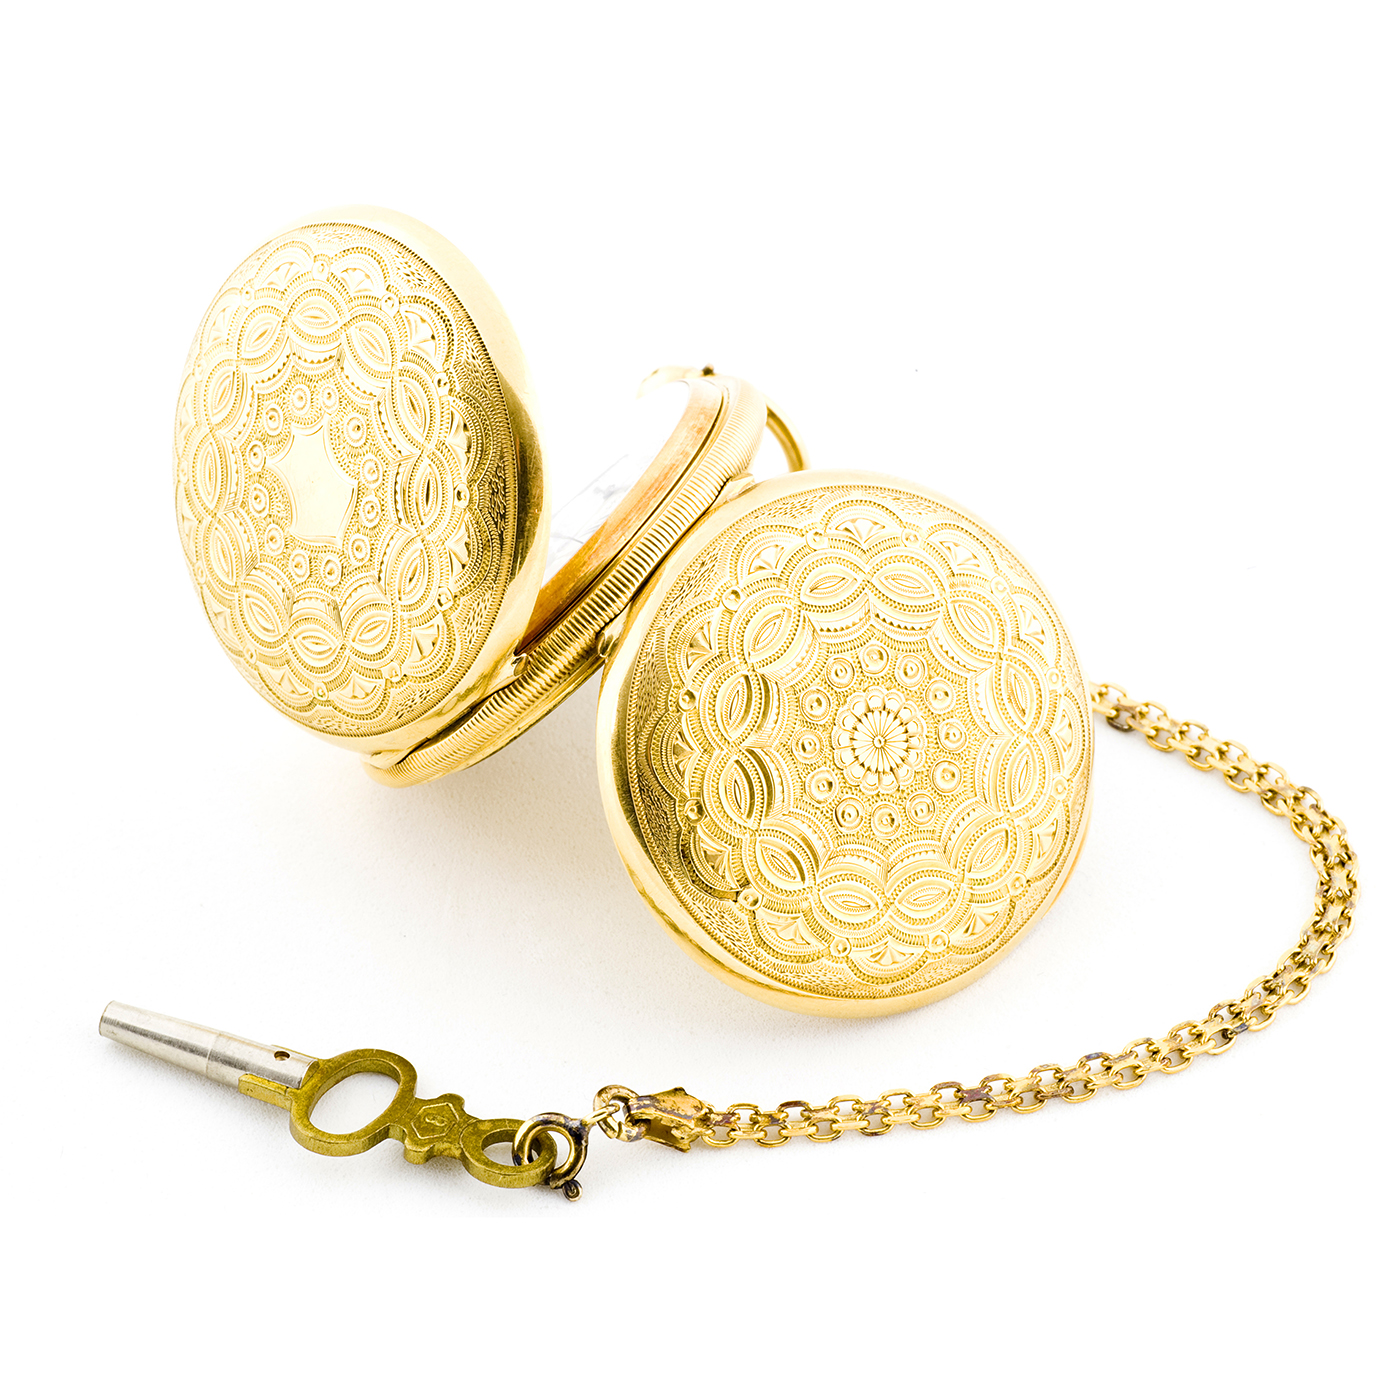 THOMAS RUSSELL. London. Reloj de bolsillo y colgar, saboneta. Oro de 18k. Ca.,1870-80.